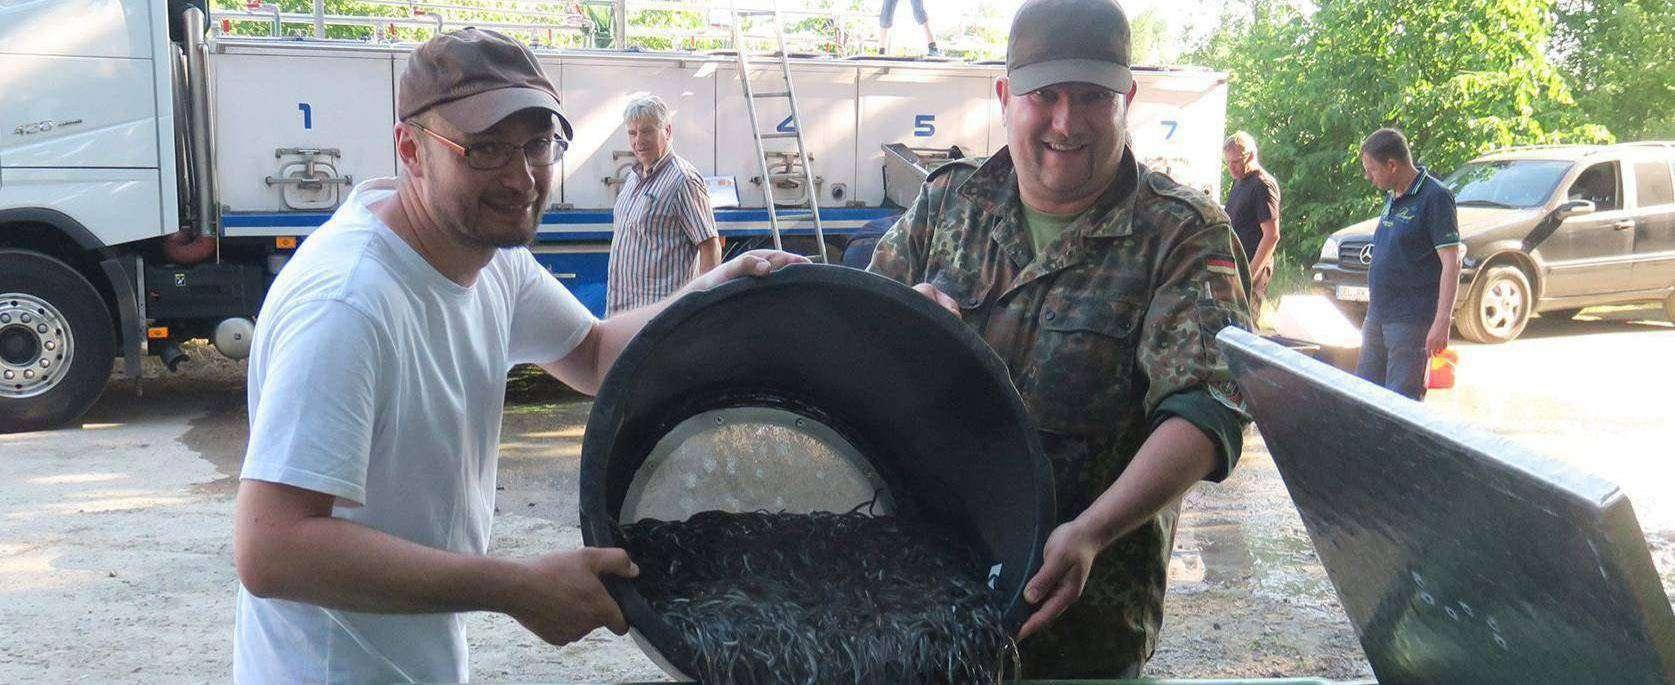 Setzten im vergangenen Juni rund 11.000 Jungaale in der Wümme aus: Mirko Pracht (links) und Olaf Weidenhöfer vom Fischereiverein Fischerhude-Quelkhorn.